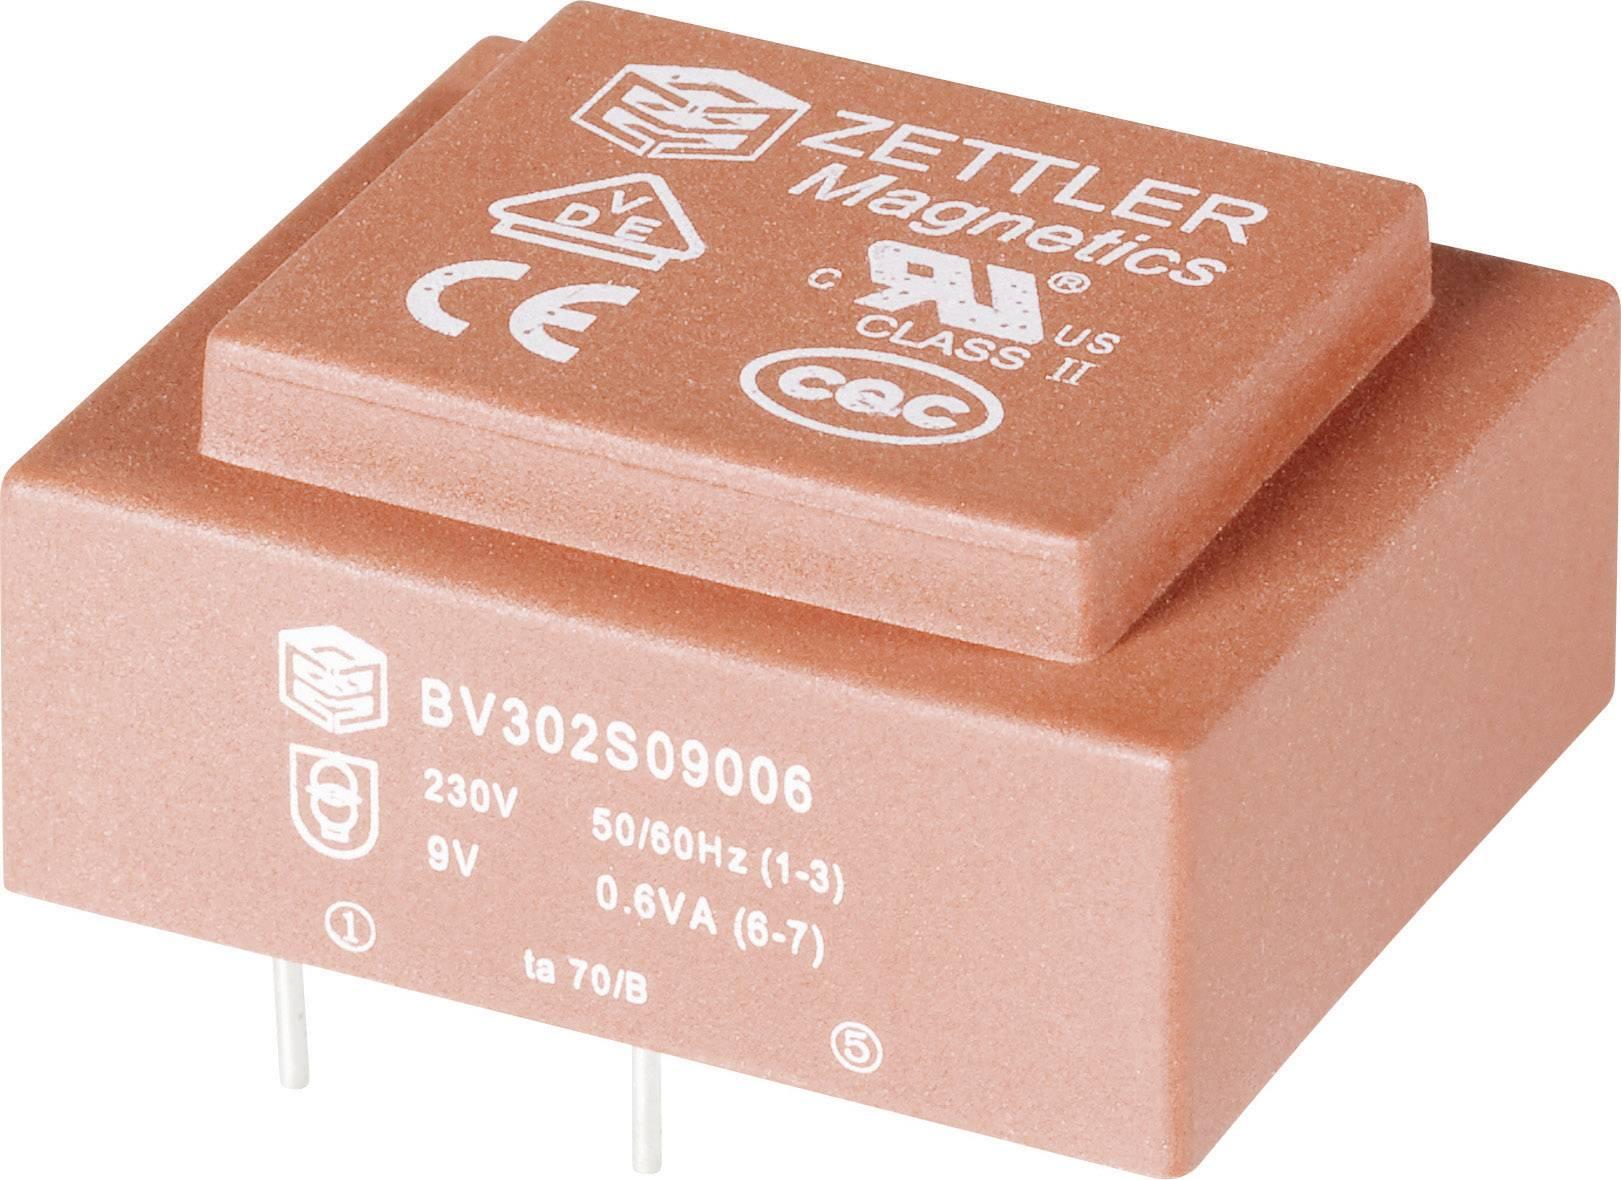 Transformátor do DPS Zettler Magnetics El30, 230 V/9 V, 66 mA, 1 VA